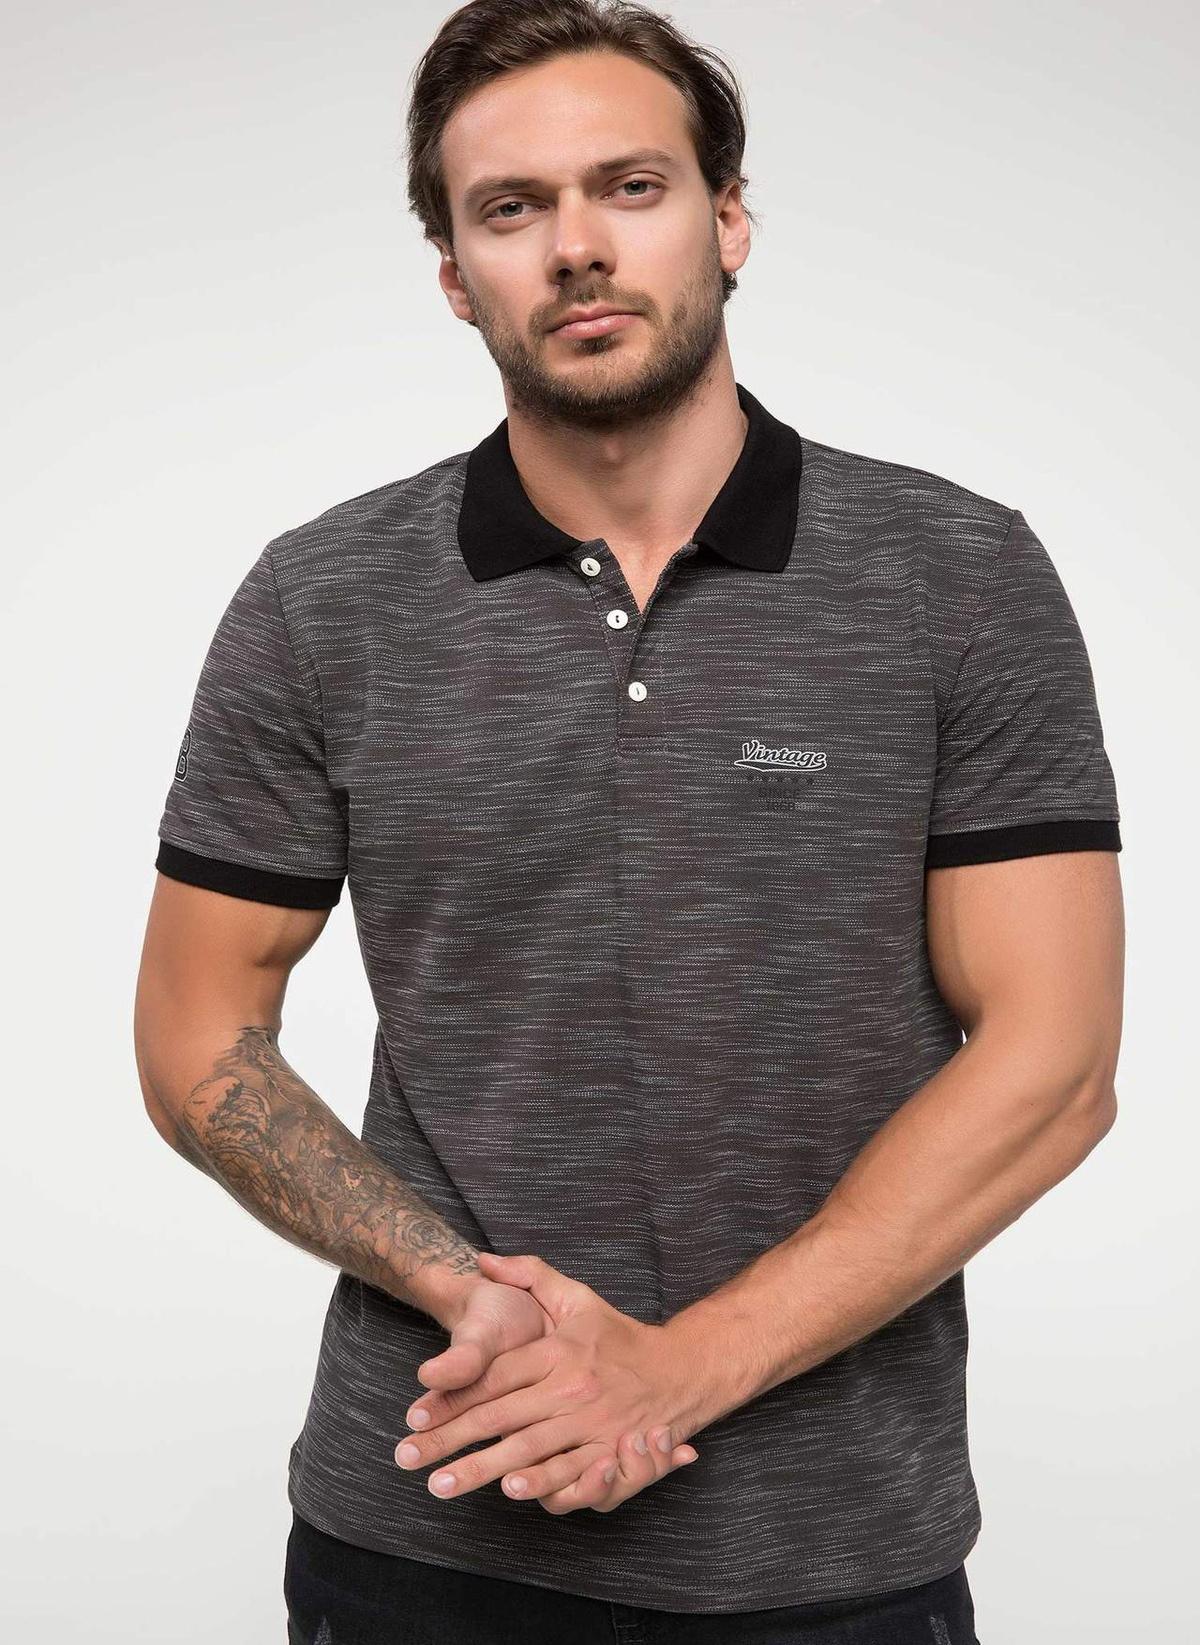 Defacto Slim Fit Polo Yaka T-shirt I4242az18smar7t-shirt – 35.99 TL